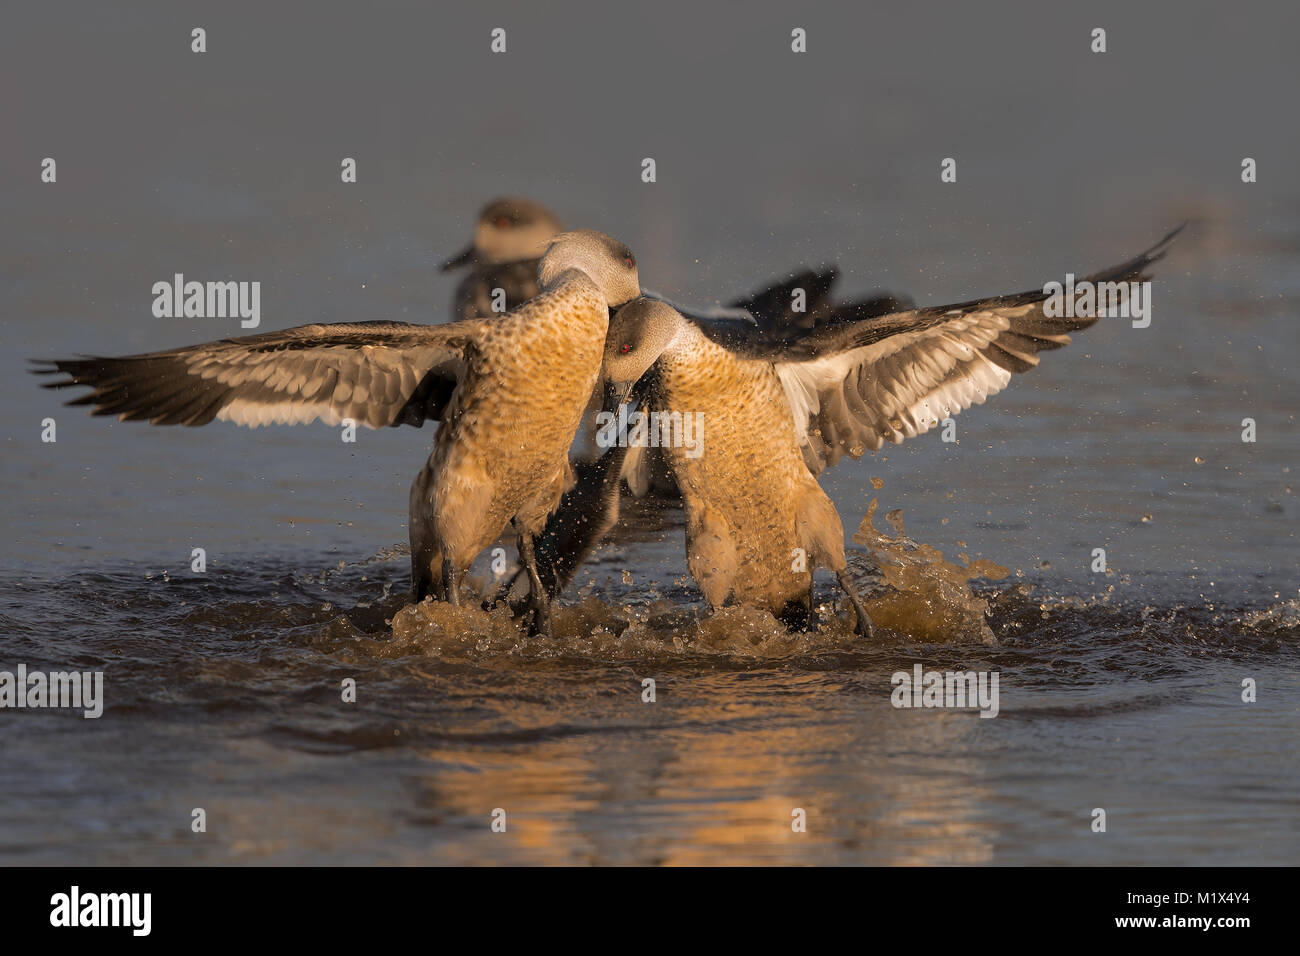 Patagonian crested duck Imagen De Stock